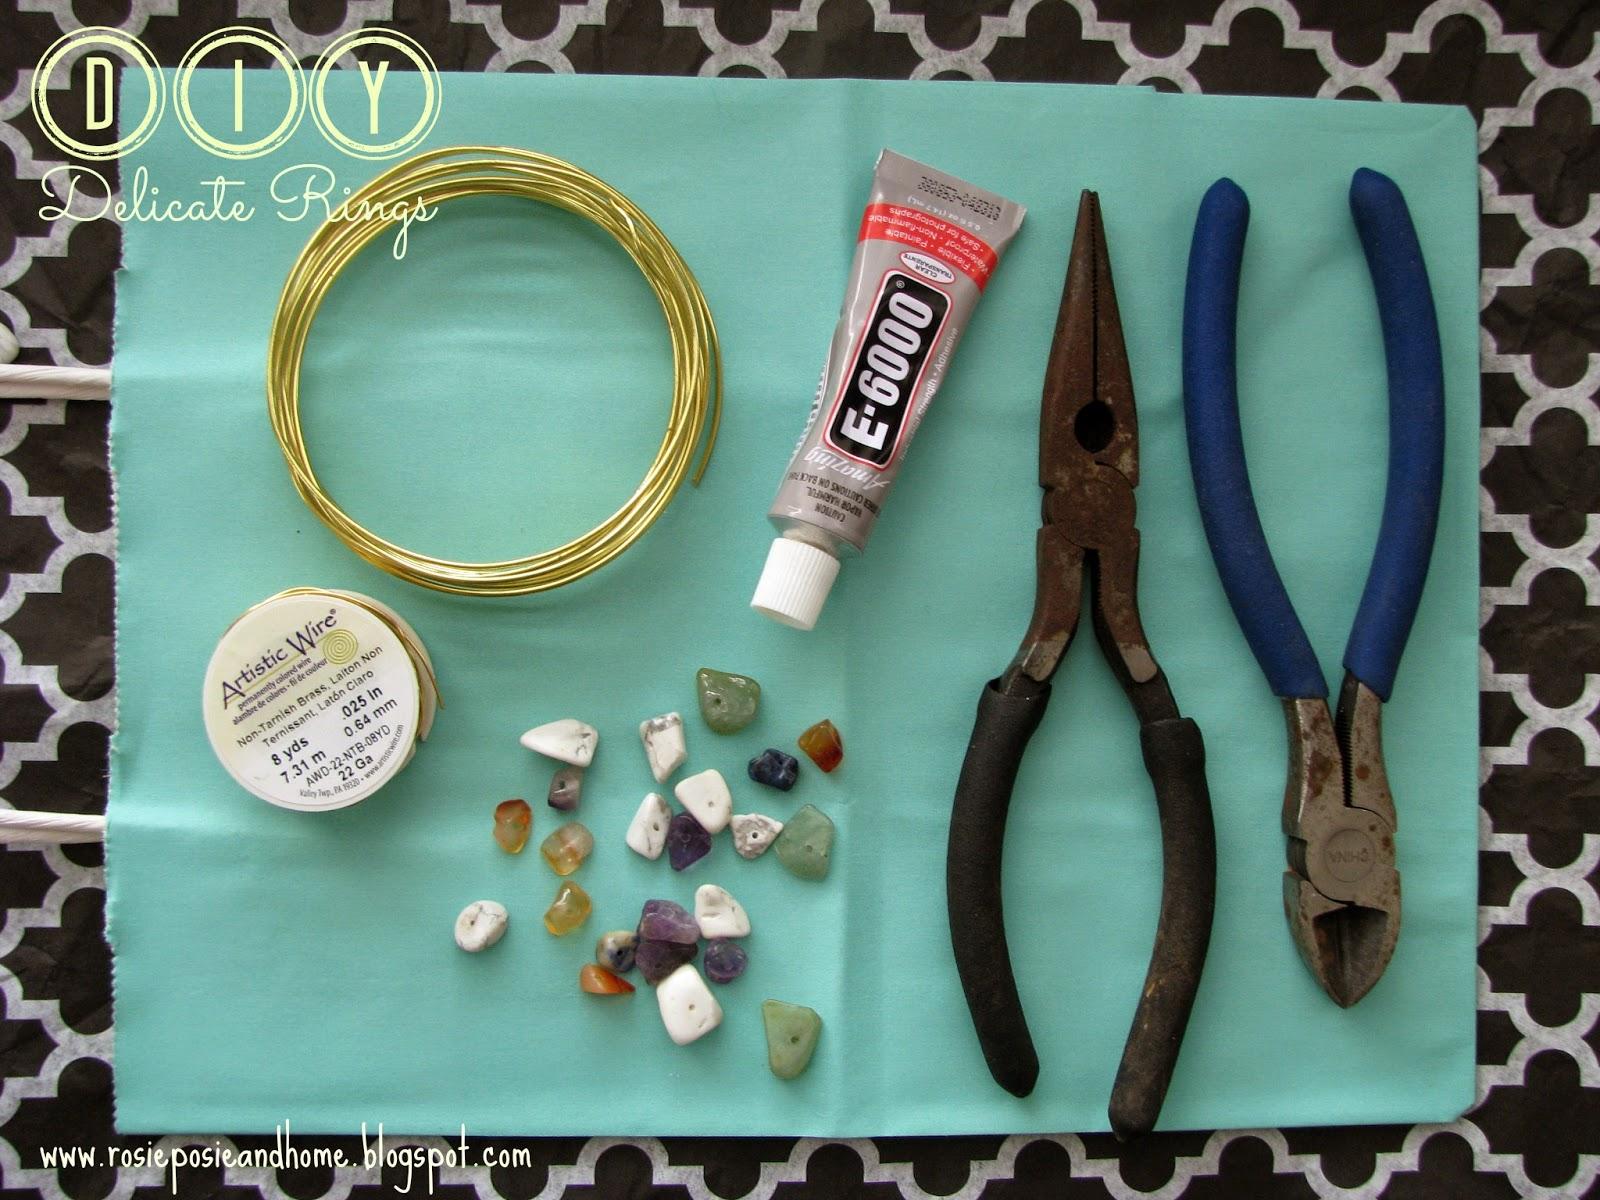 Rosie Posie & Home.: DIY Delicate Rings